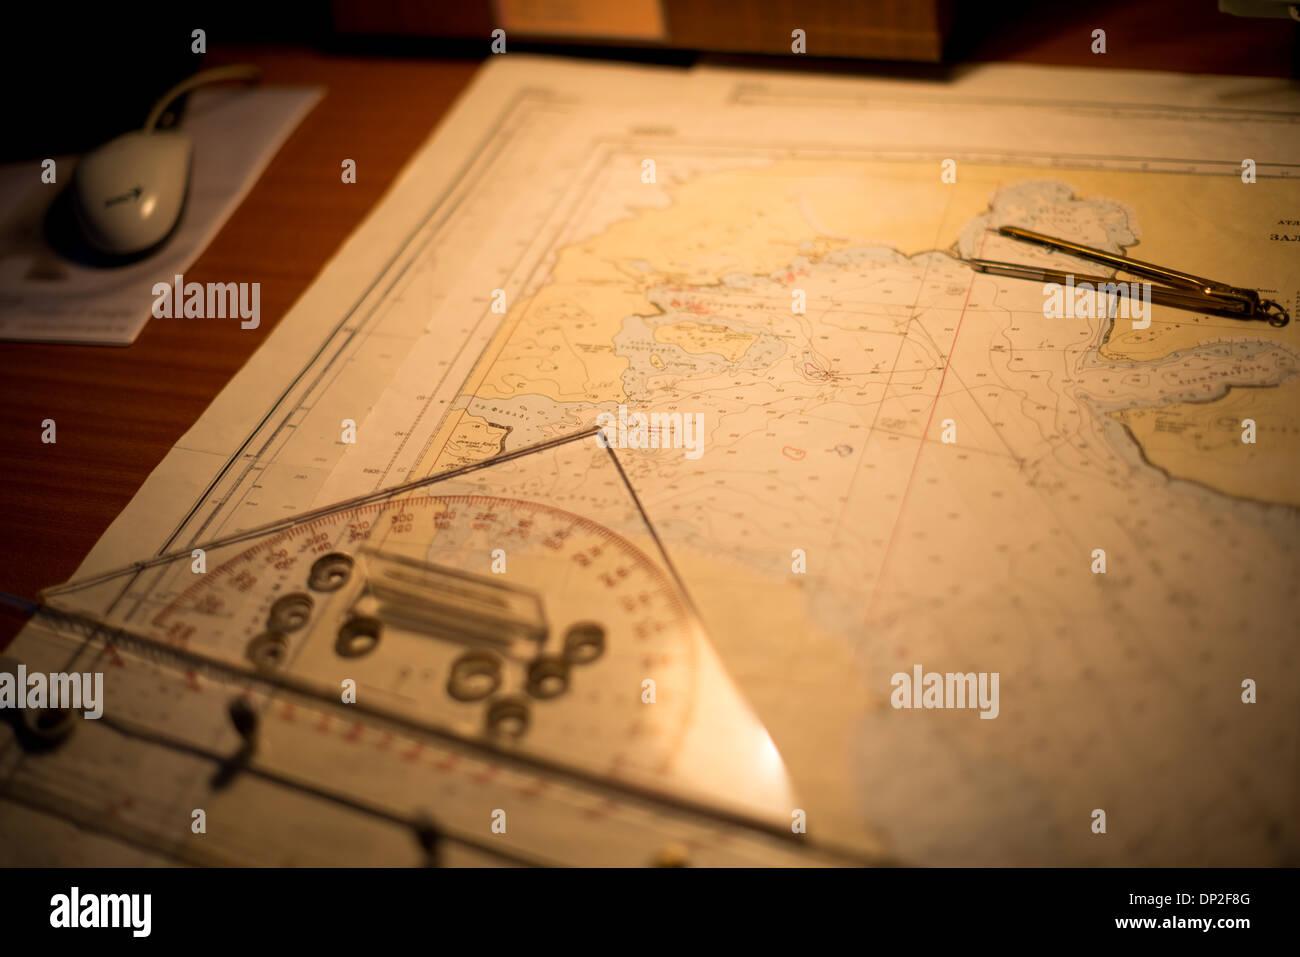 Antartide - le carte di navigazione su una tavola della mappa sul ponte di un'Antartide la nave di crociera, il pioniere polare. Immagini Stock